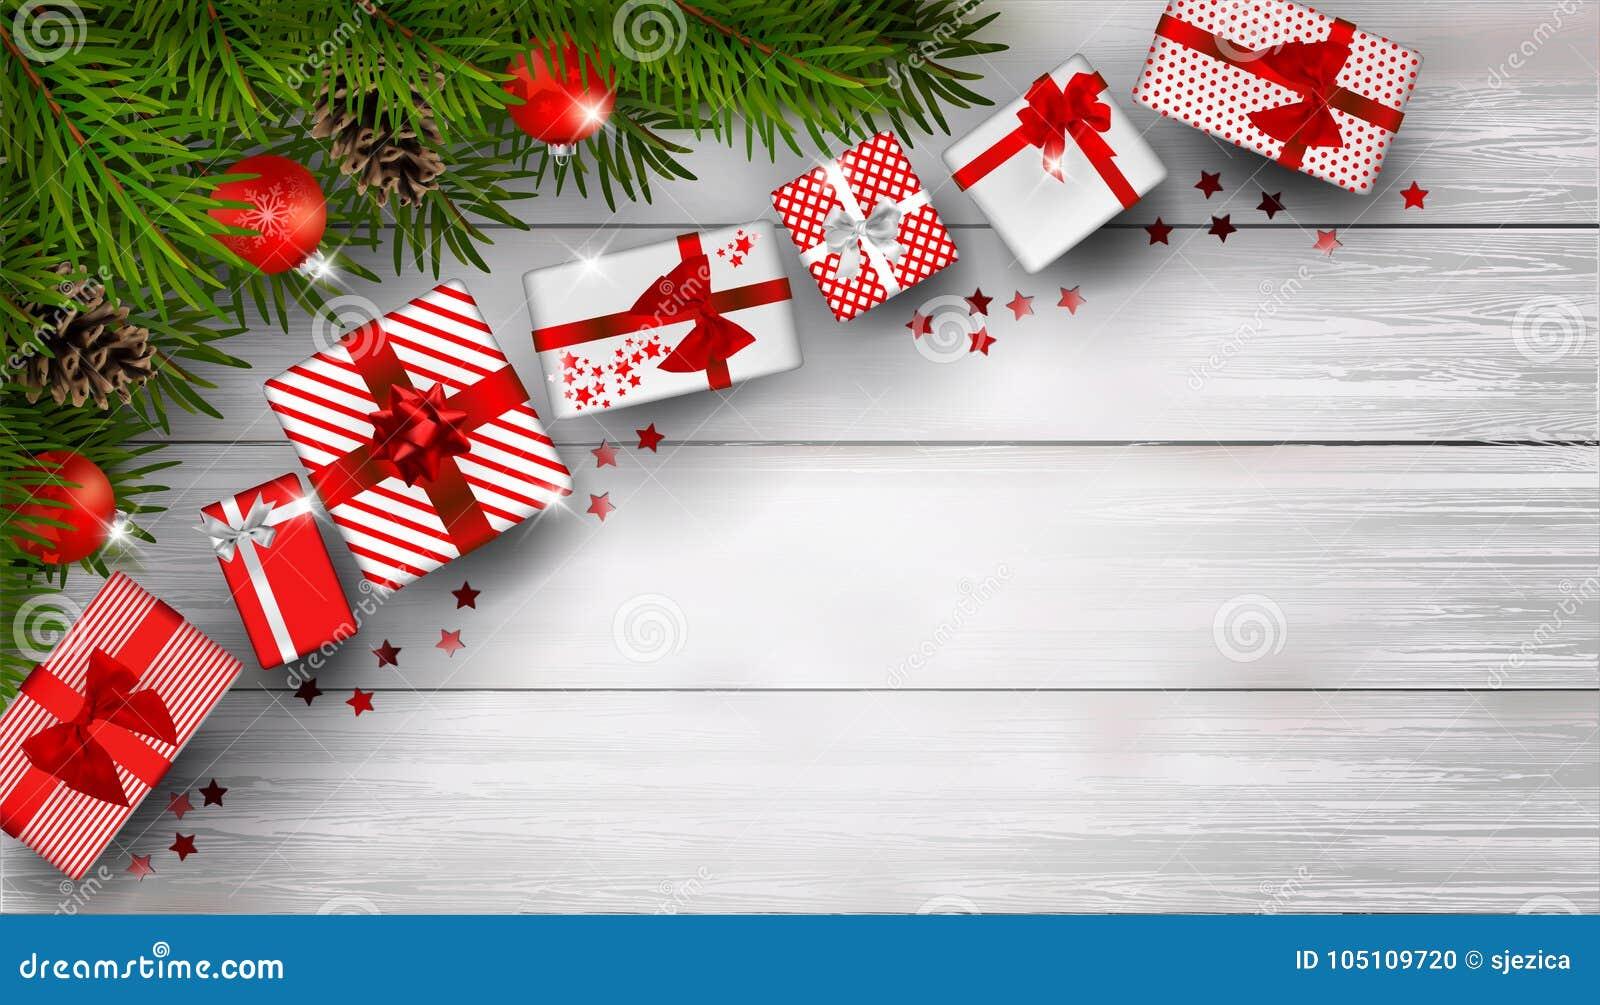 Bożenarodzeniowy tło z jodeł gałąź i wiązką czerwoni prezentów pudełka na białym drewnianym stole